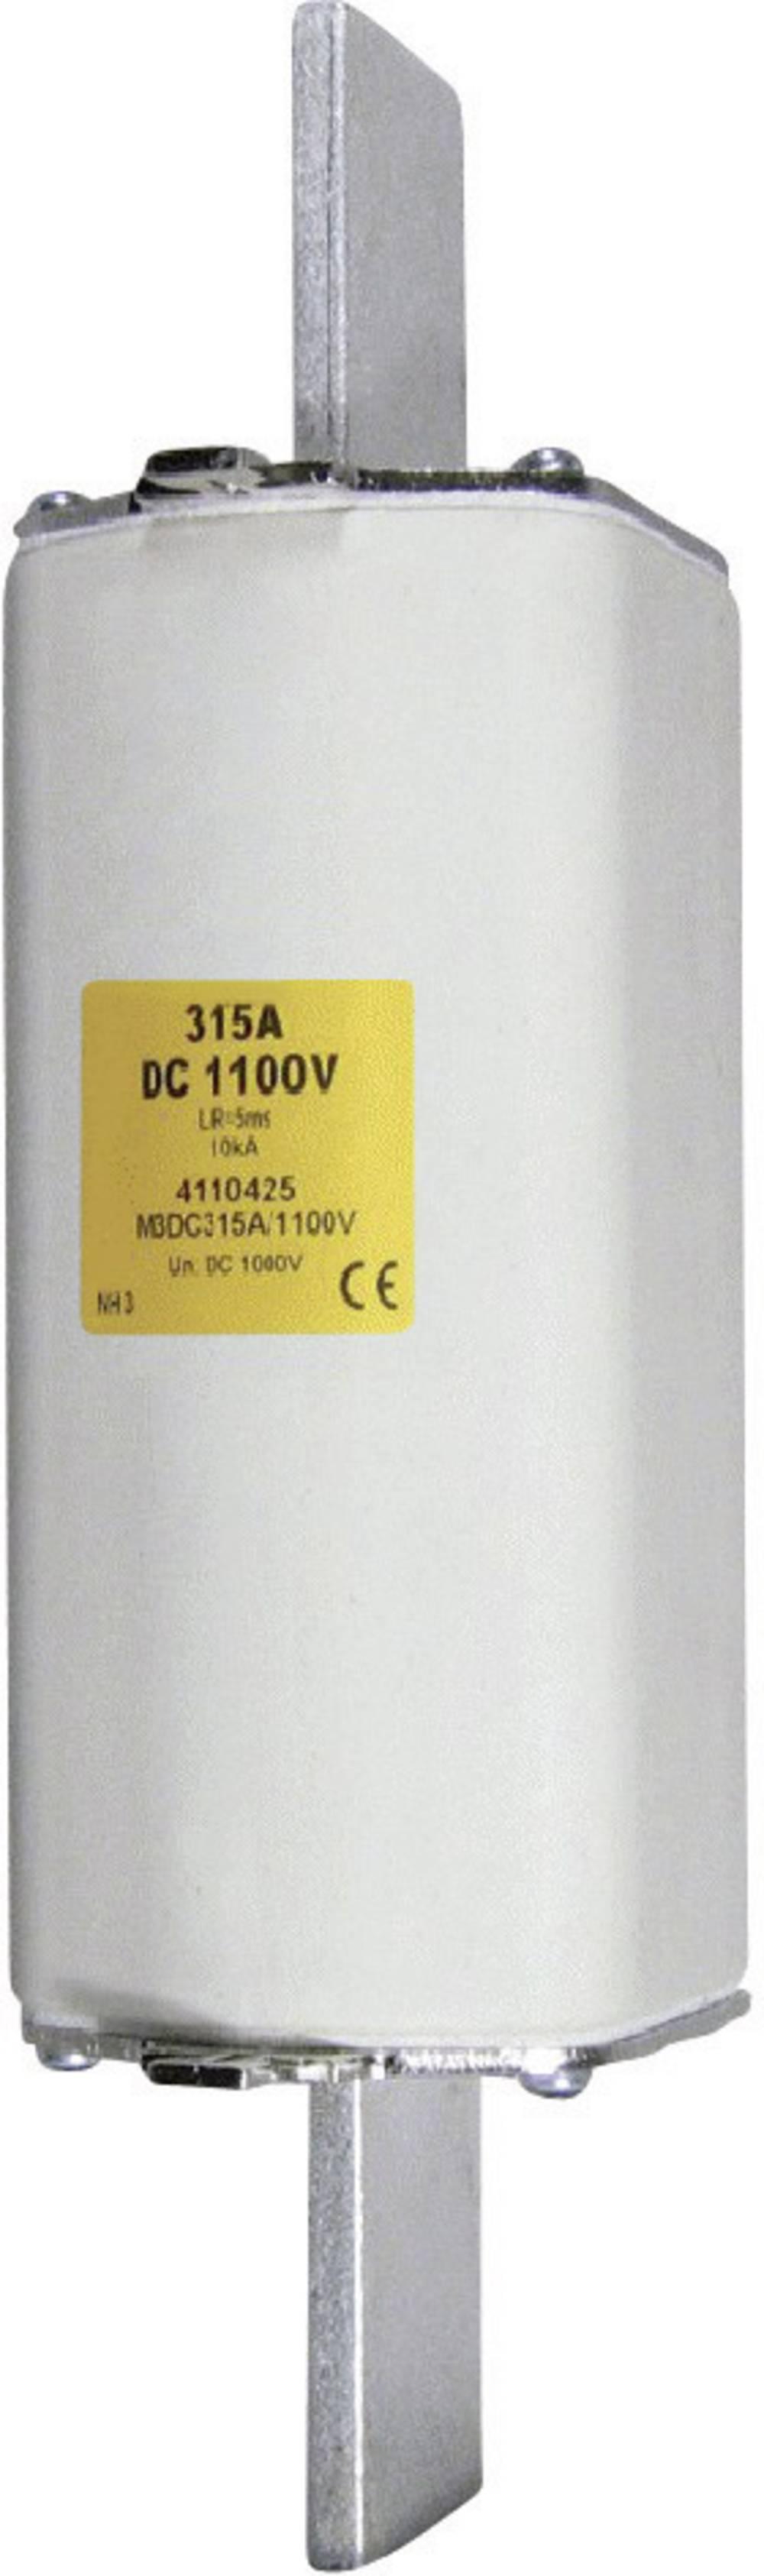 Nizkonapetostna močnostna varovalka TIPA 1, 1100 V DC, 125 A, TRIP NH 1 DC 1100V 125A Trip K. ESKA